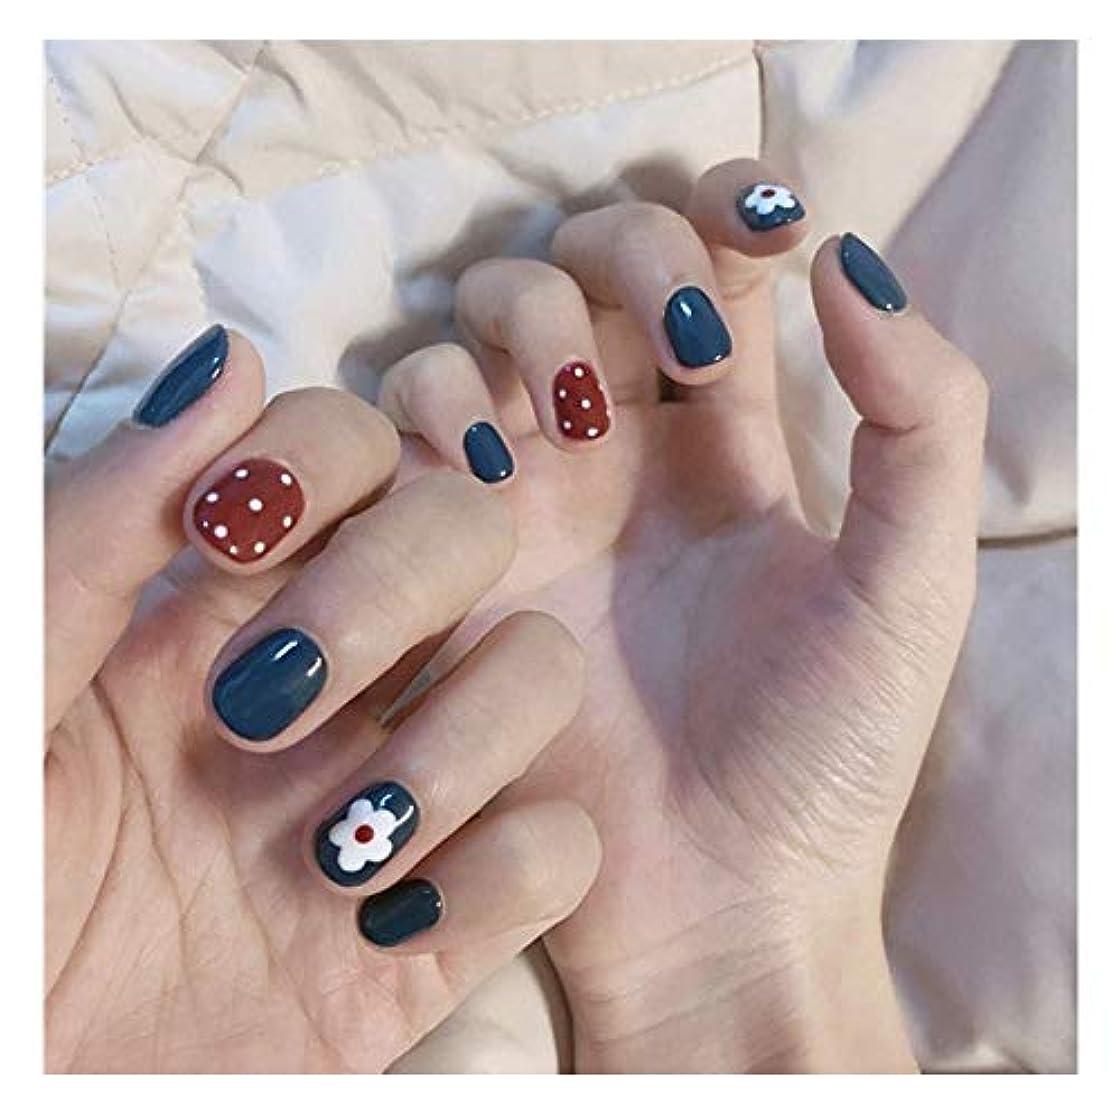 ハイランド道徳準備YESONEEP 明るい顔青+赤小の花偽の釘ショートネイルズのり完成ネイル偽の釘 (色 : 24 pieces)